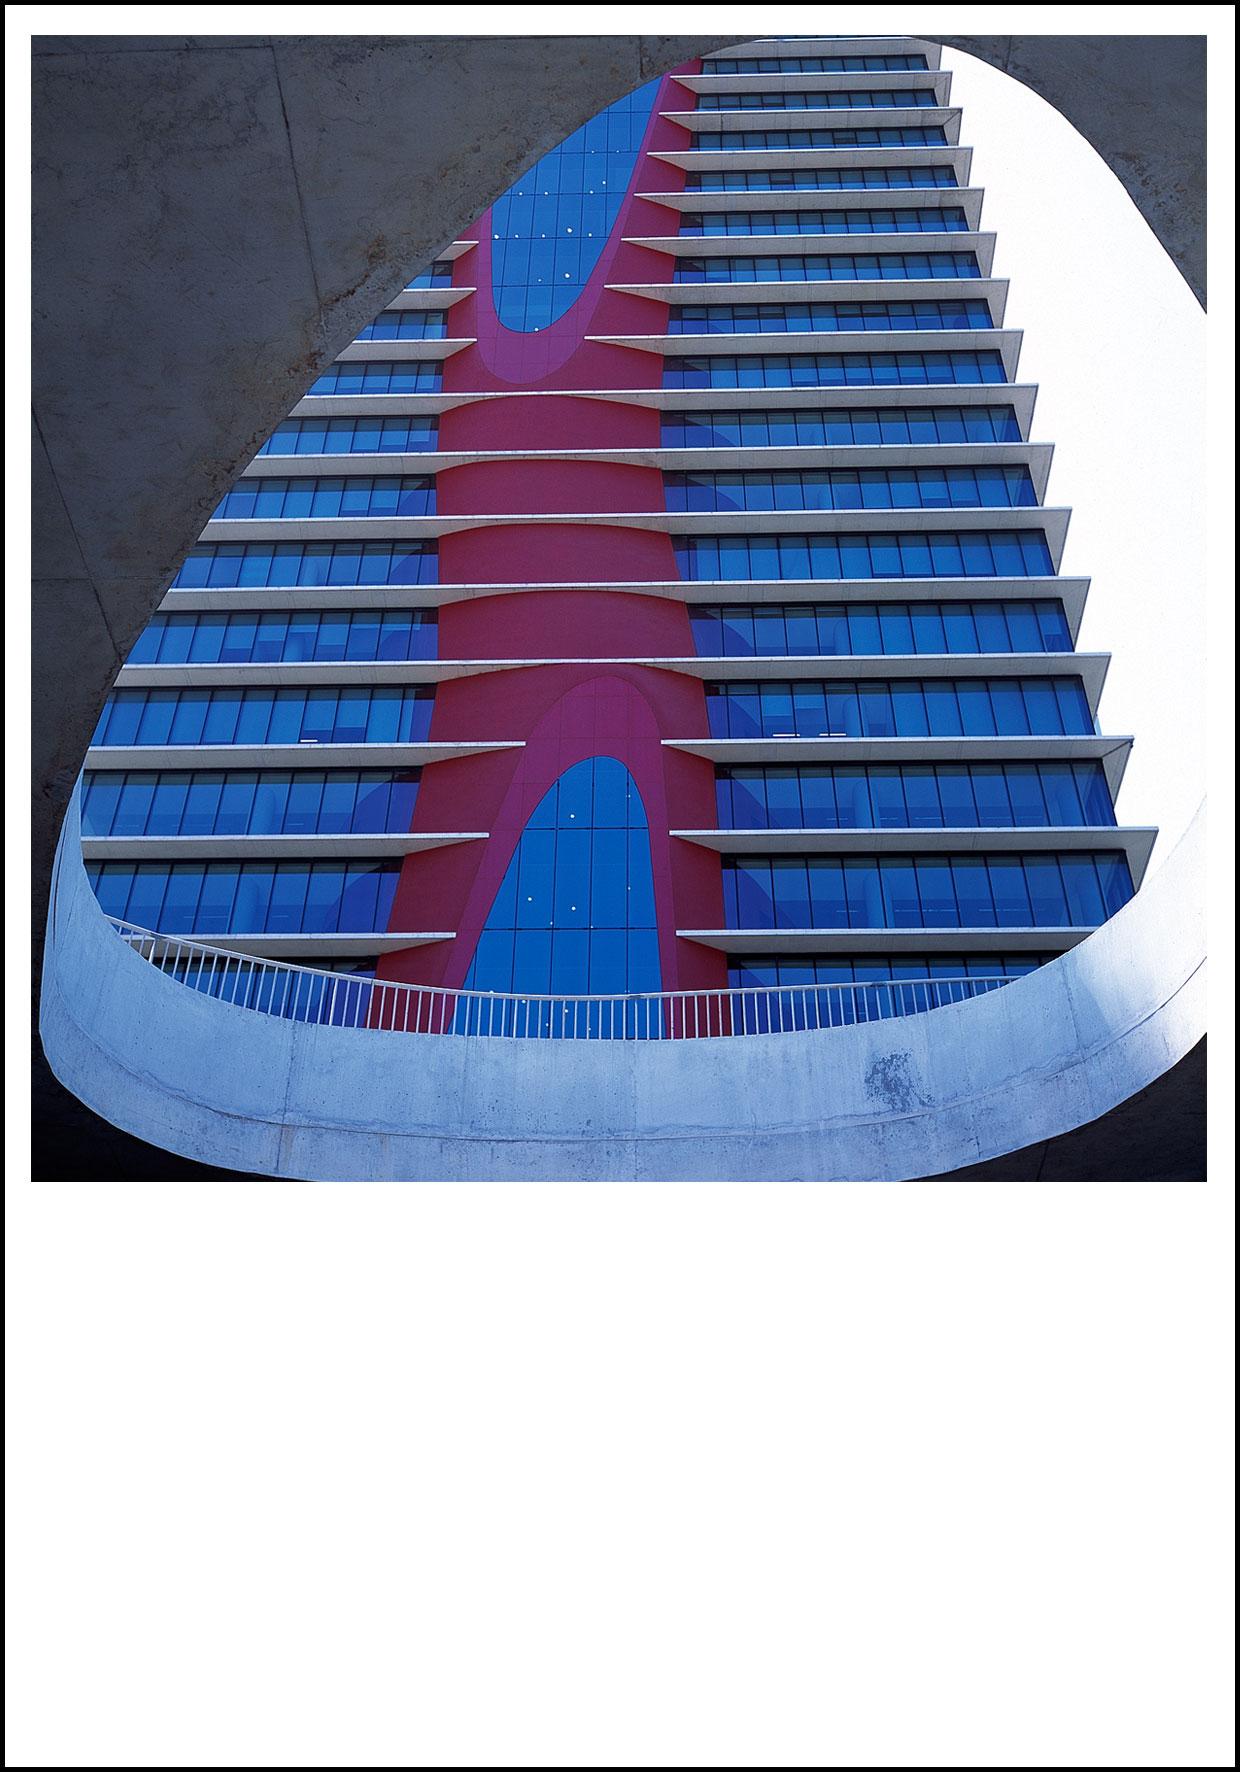 torres porta fira - ito & vazquez